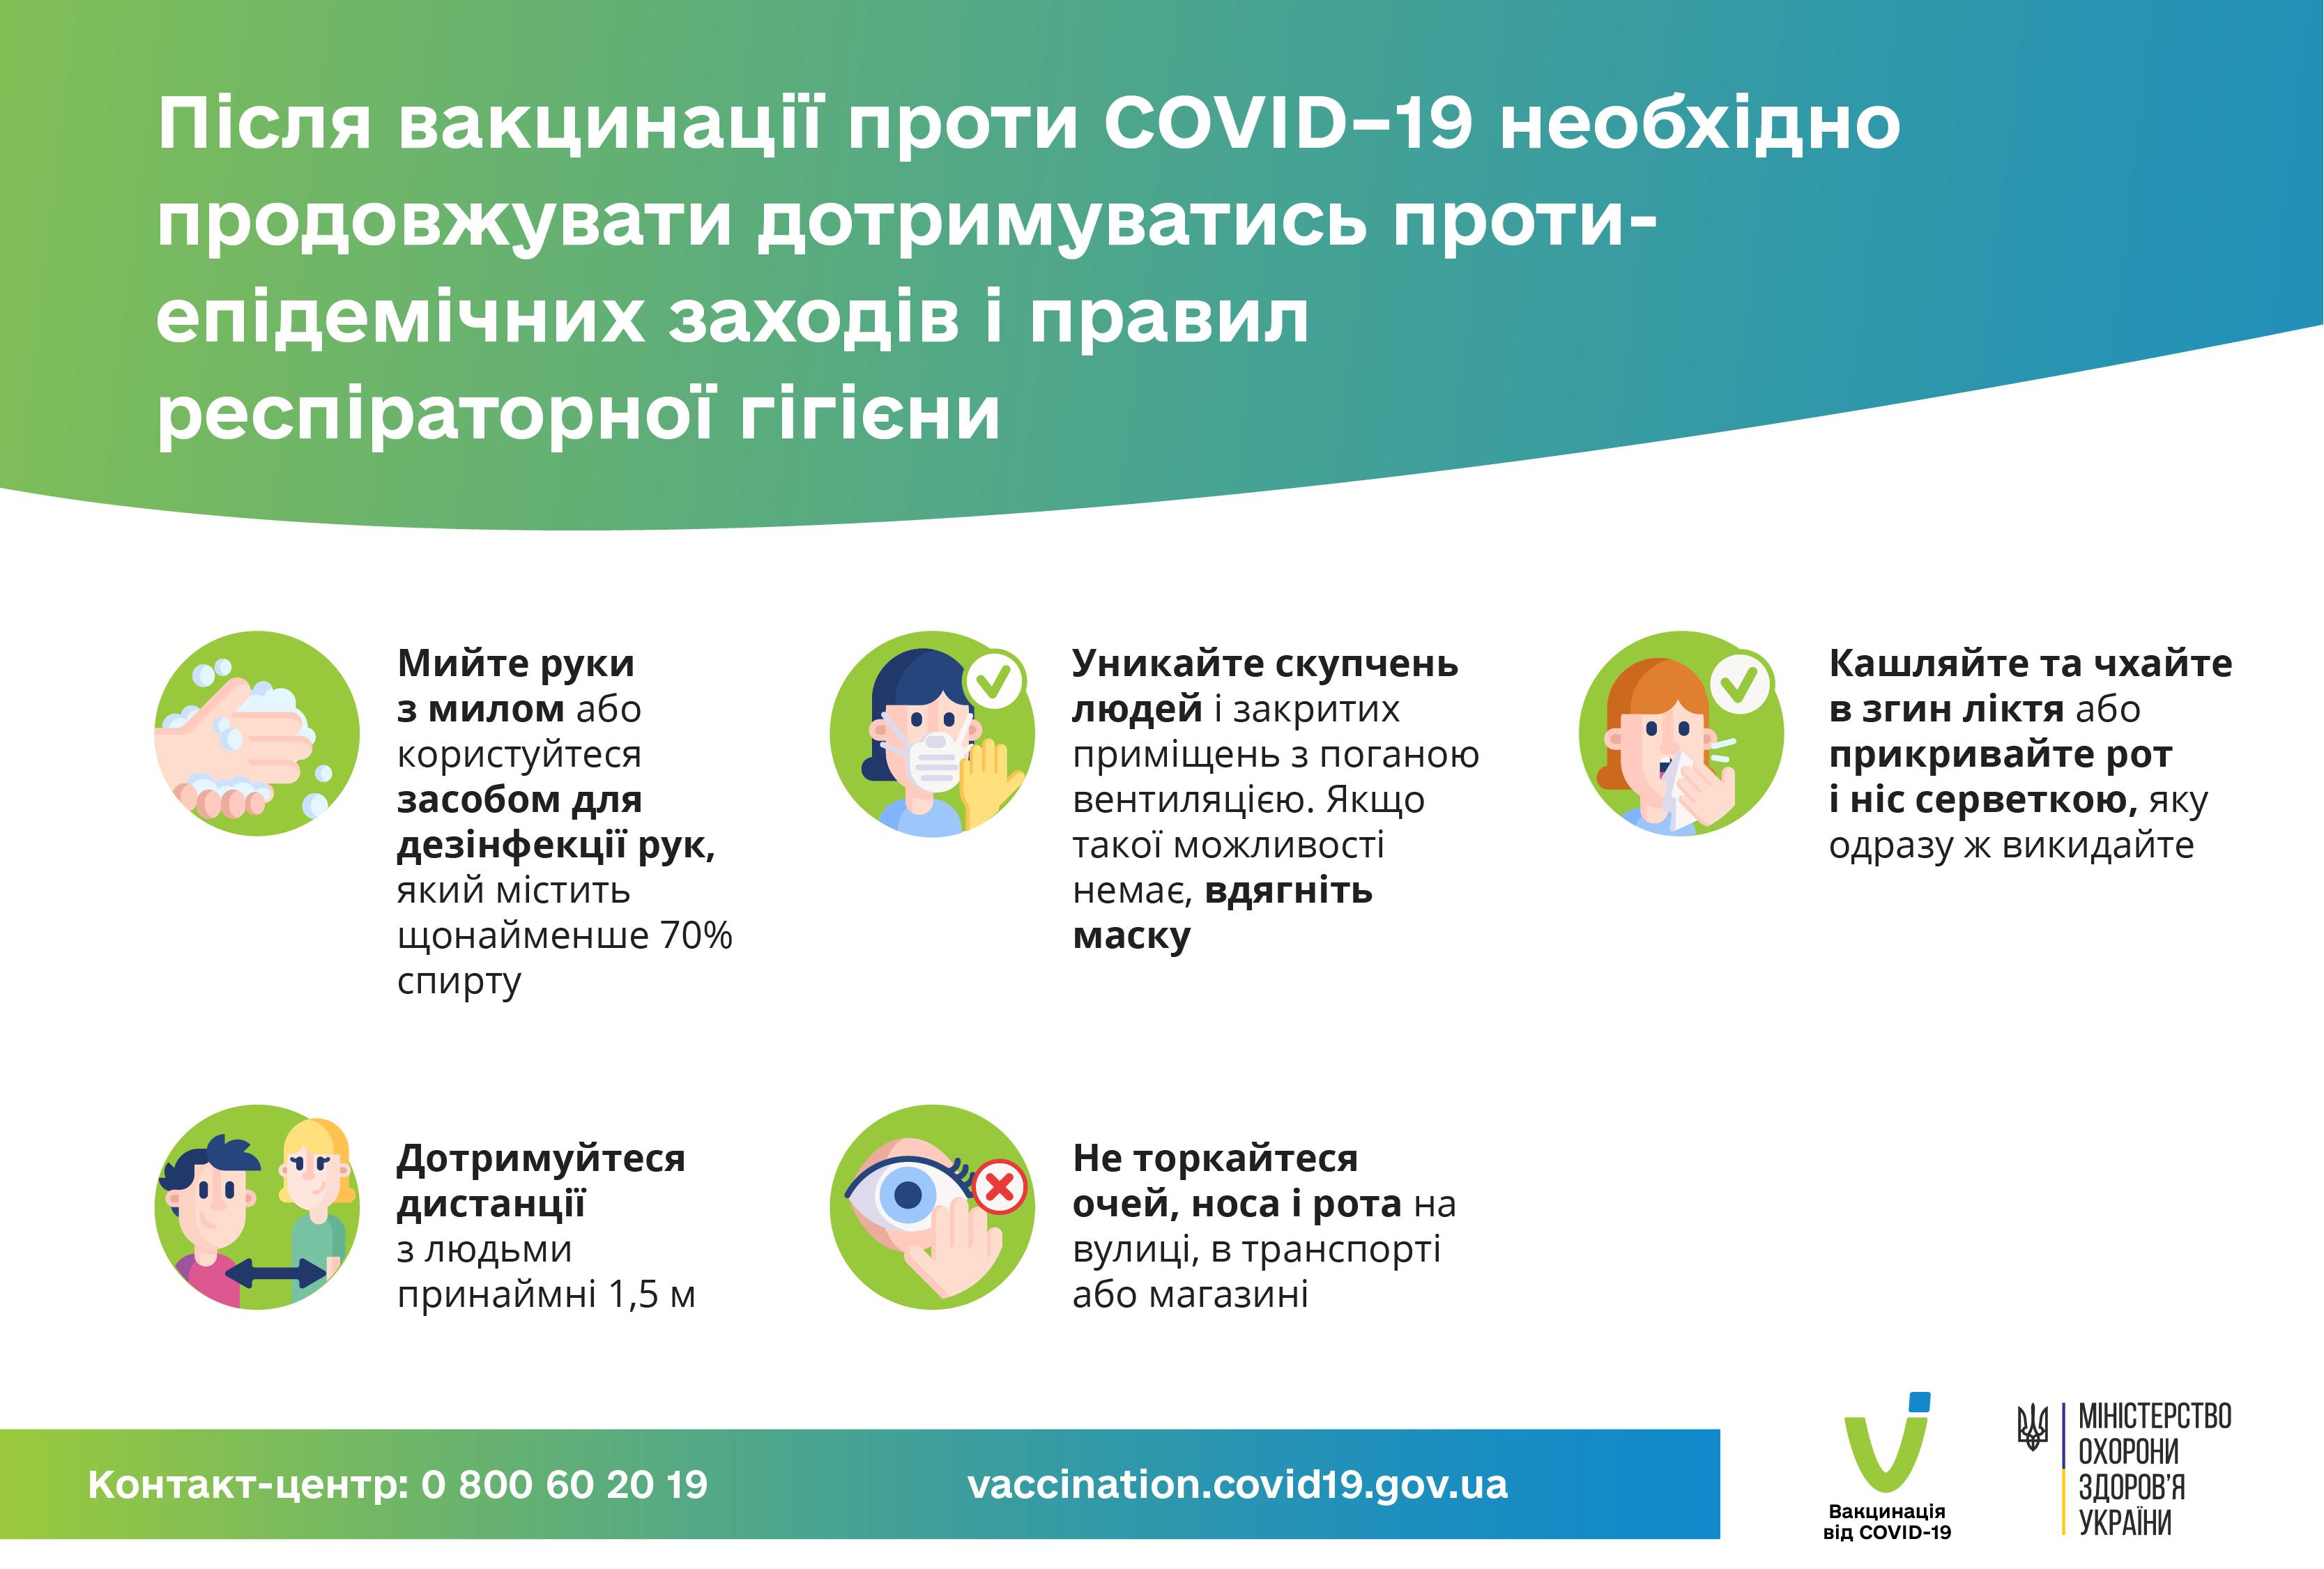 Після вакцинації потрібно продовжувати дотримуватись протиепідемічних заходів